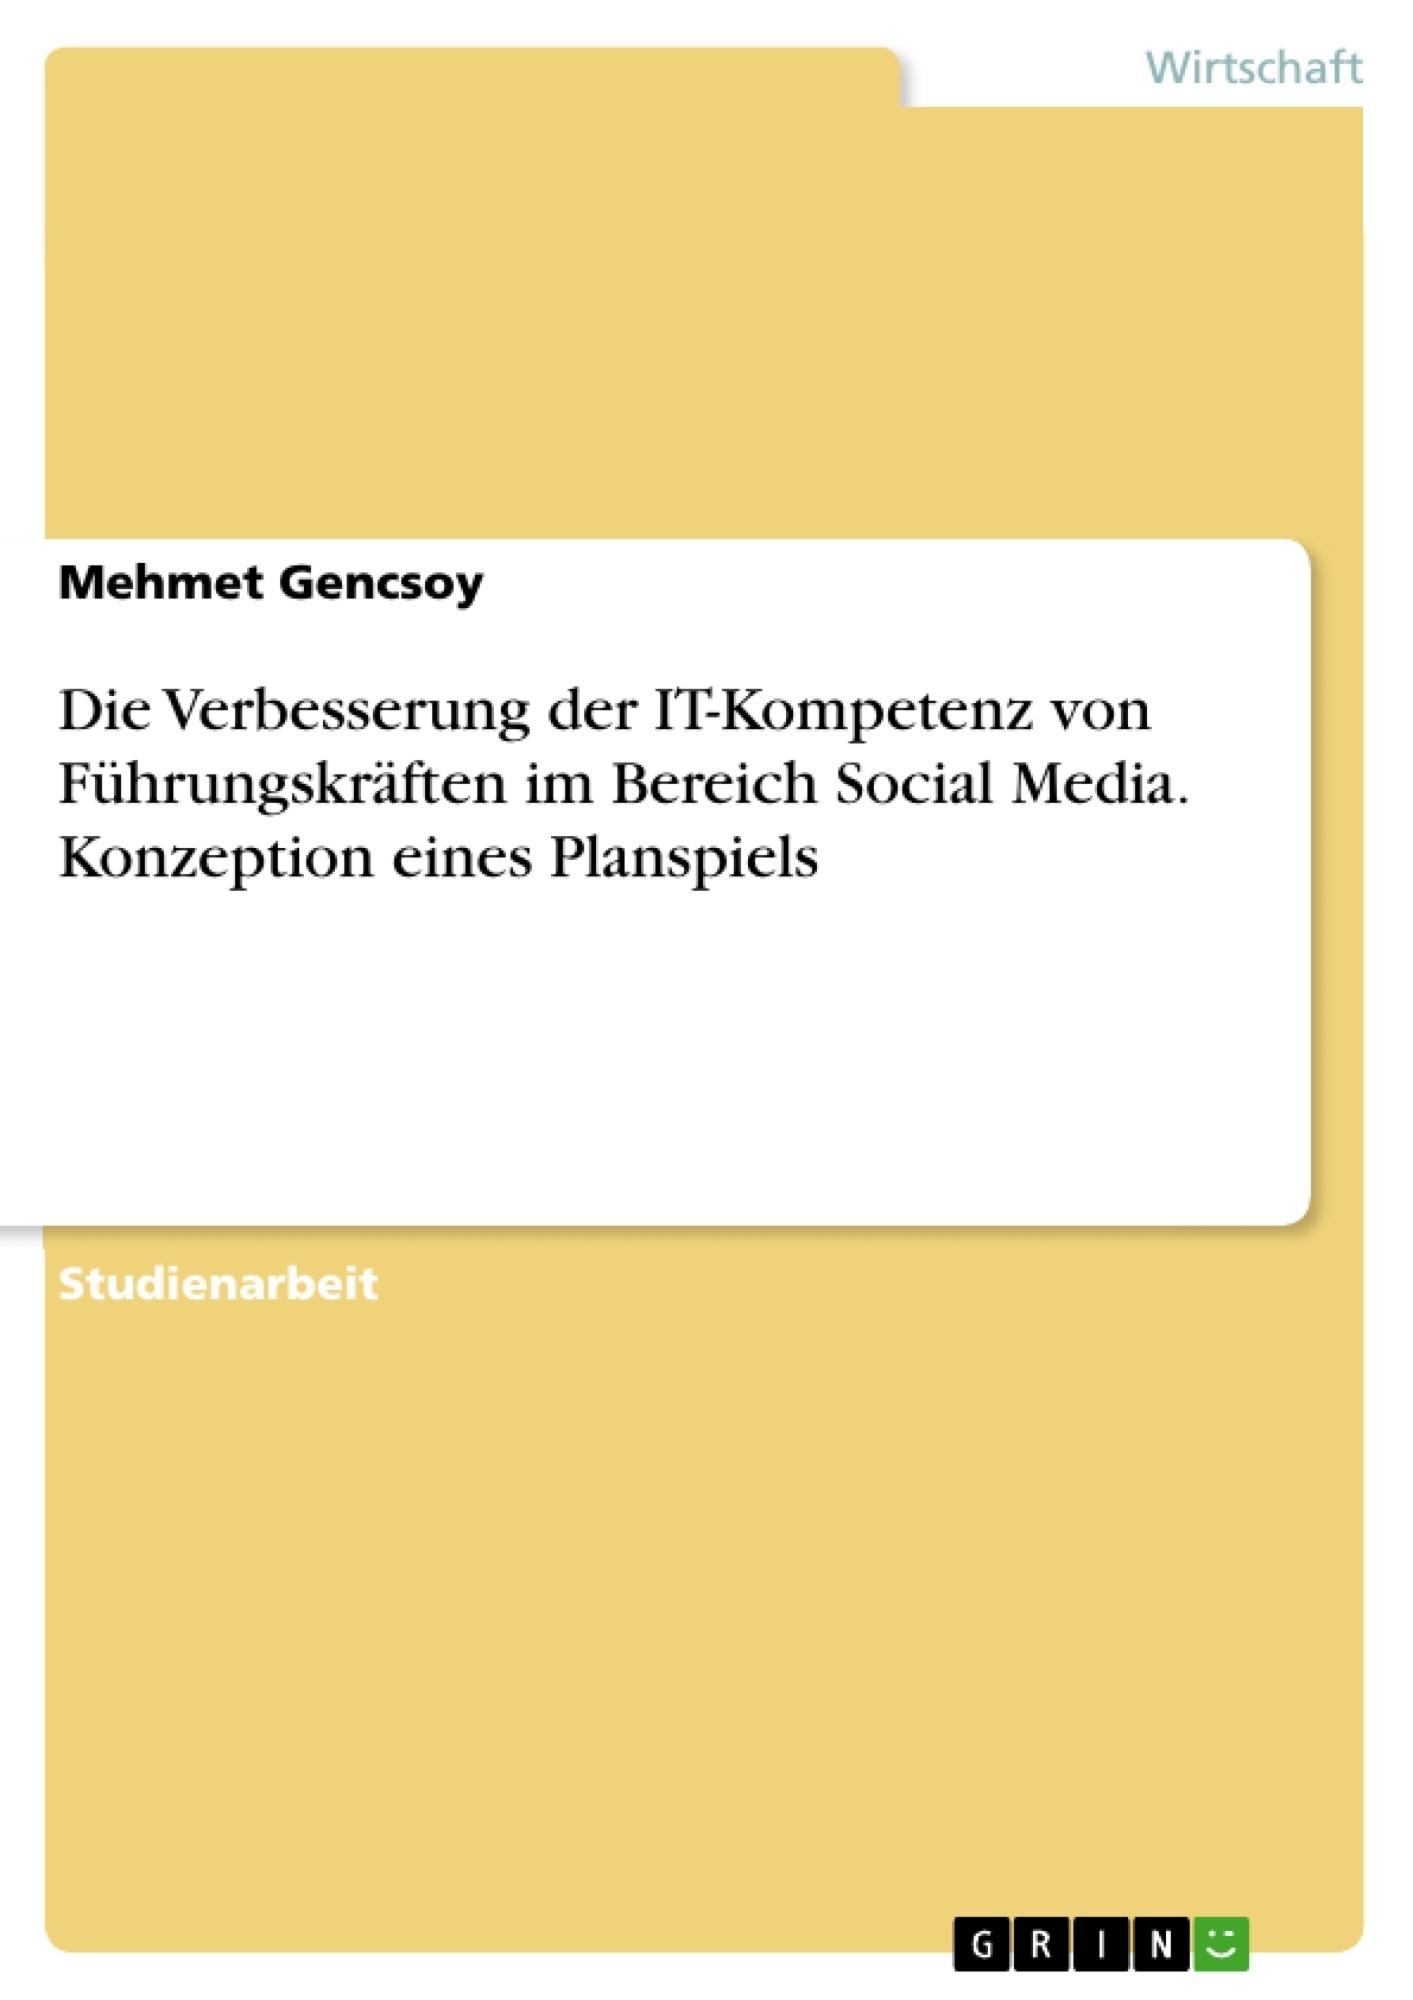 Titel: Die Verbesserung der IT-Kompetenz von Führungskräften im Bereich Social Media. Konzeption eines Planspiels